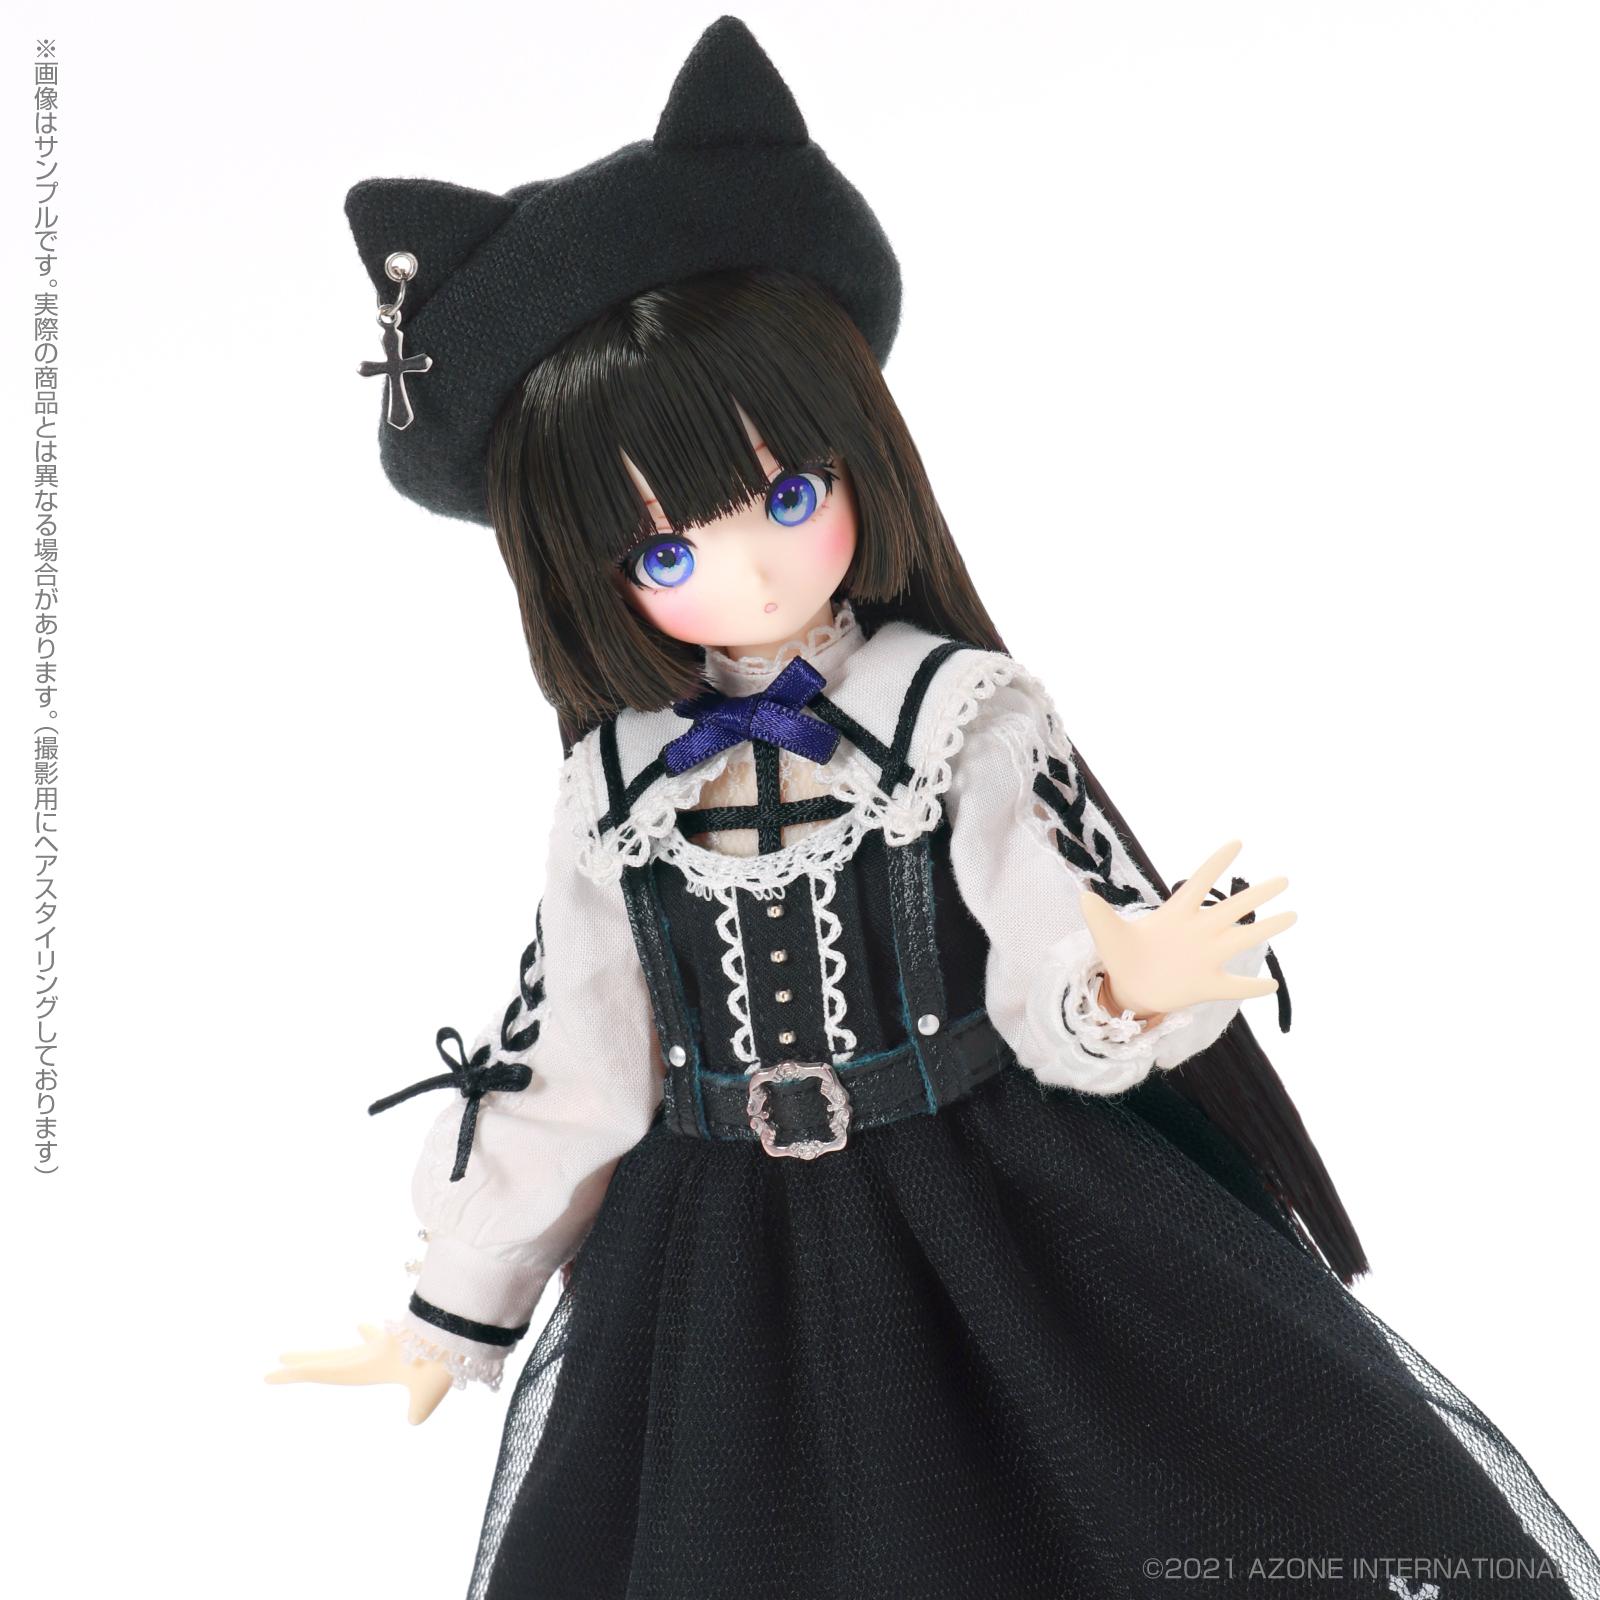 ルミナス*ストリート『みい/Mii ~Cat walking path~(通常販売ver.)』Luminous*Street 1/6 完成品ドール-018